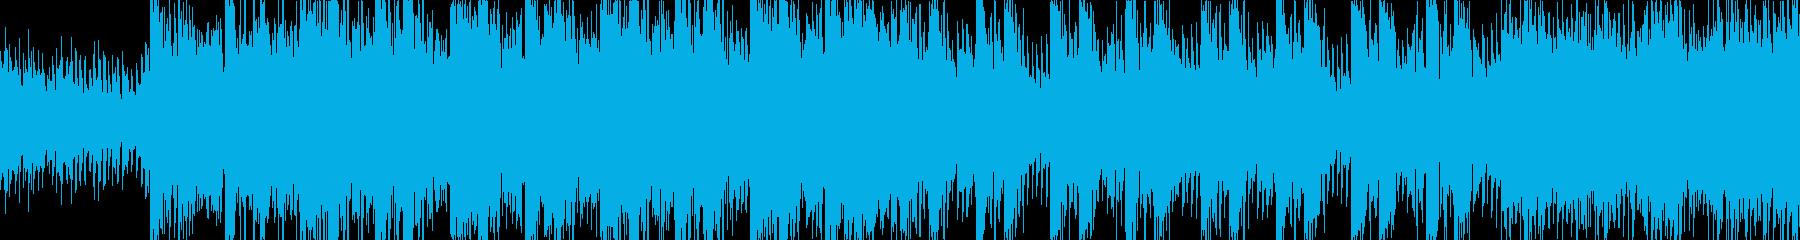 映画音楽 戦闘シーン LOOP 劇伴の再生済みの波形